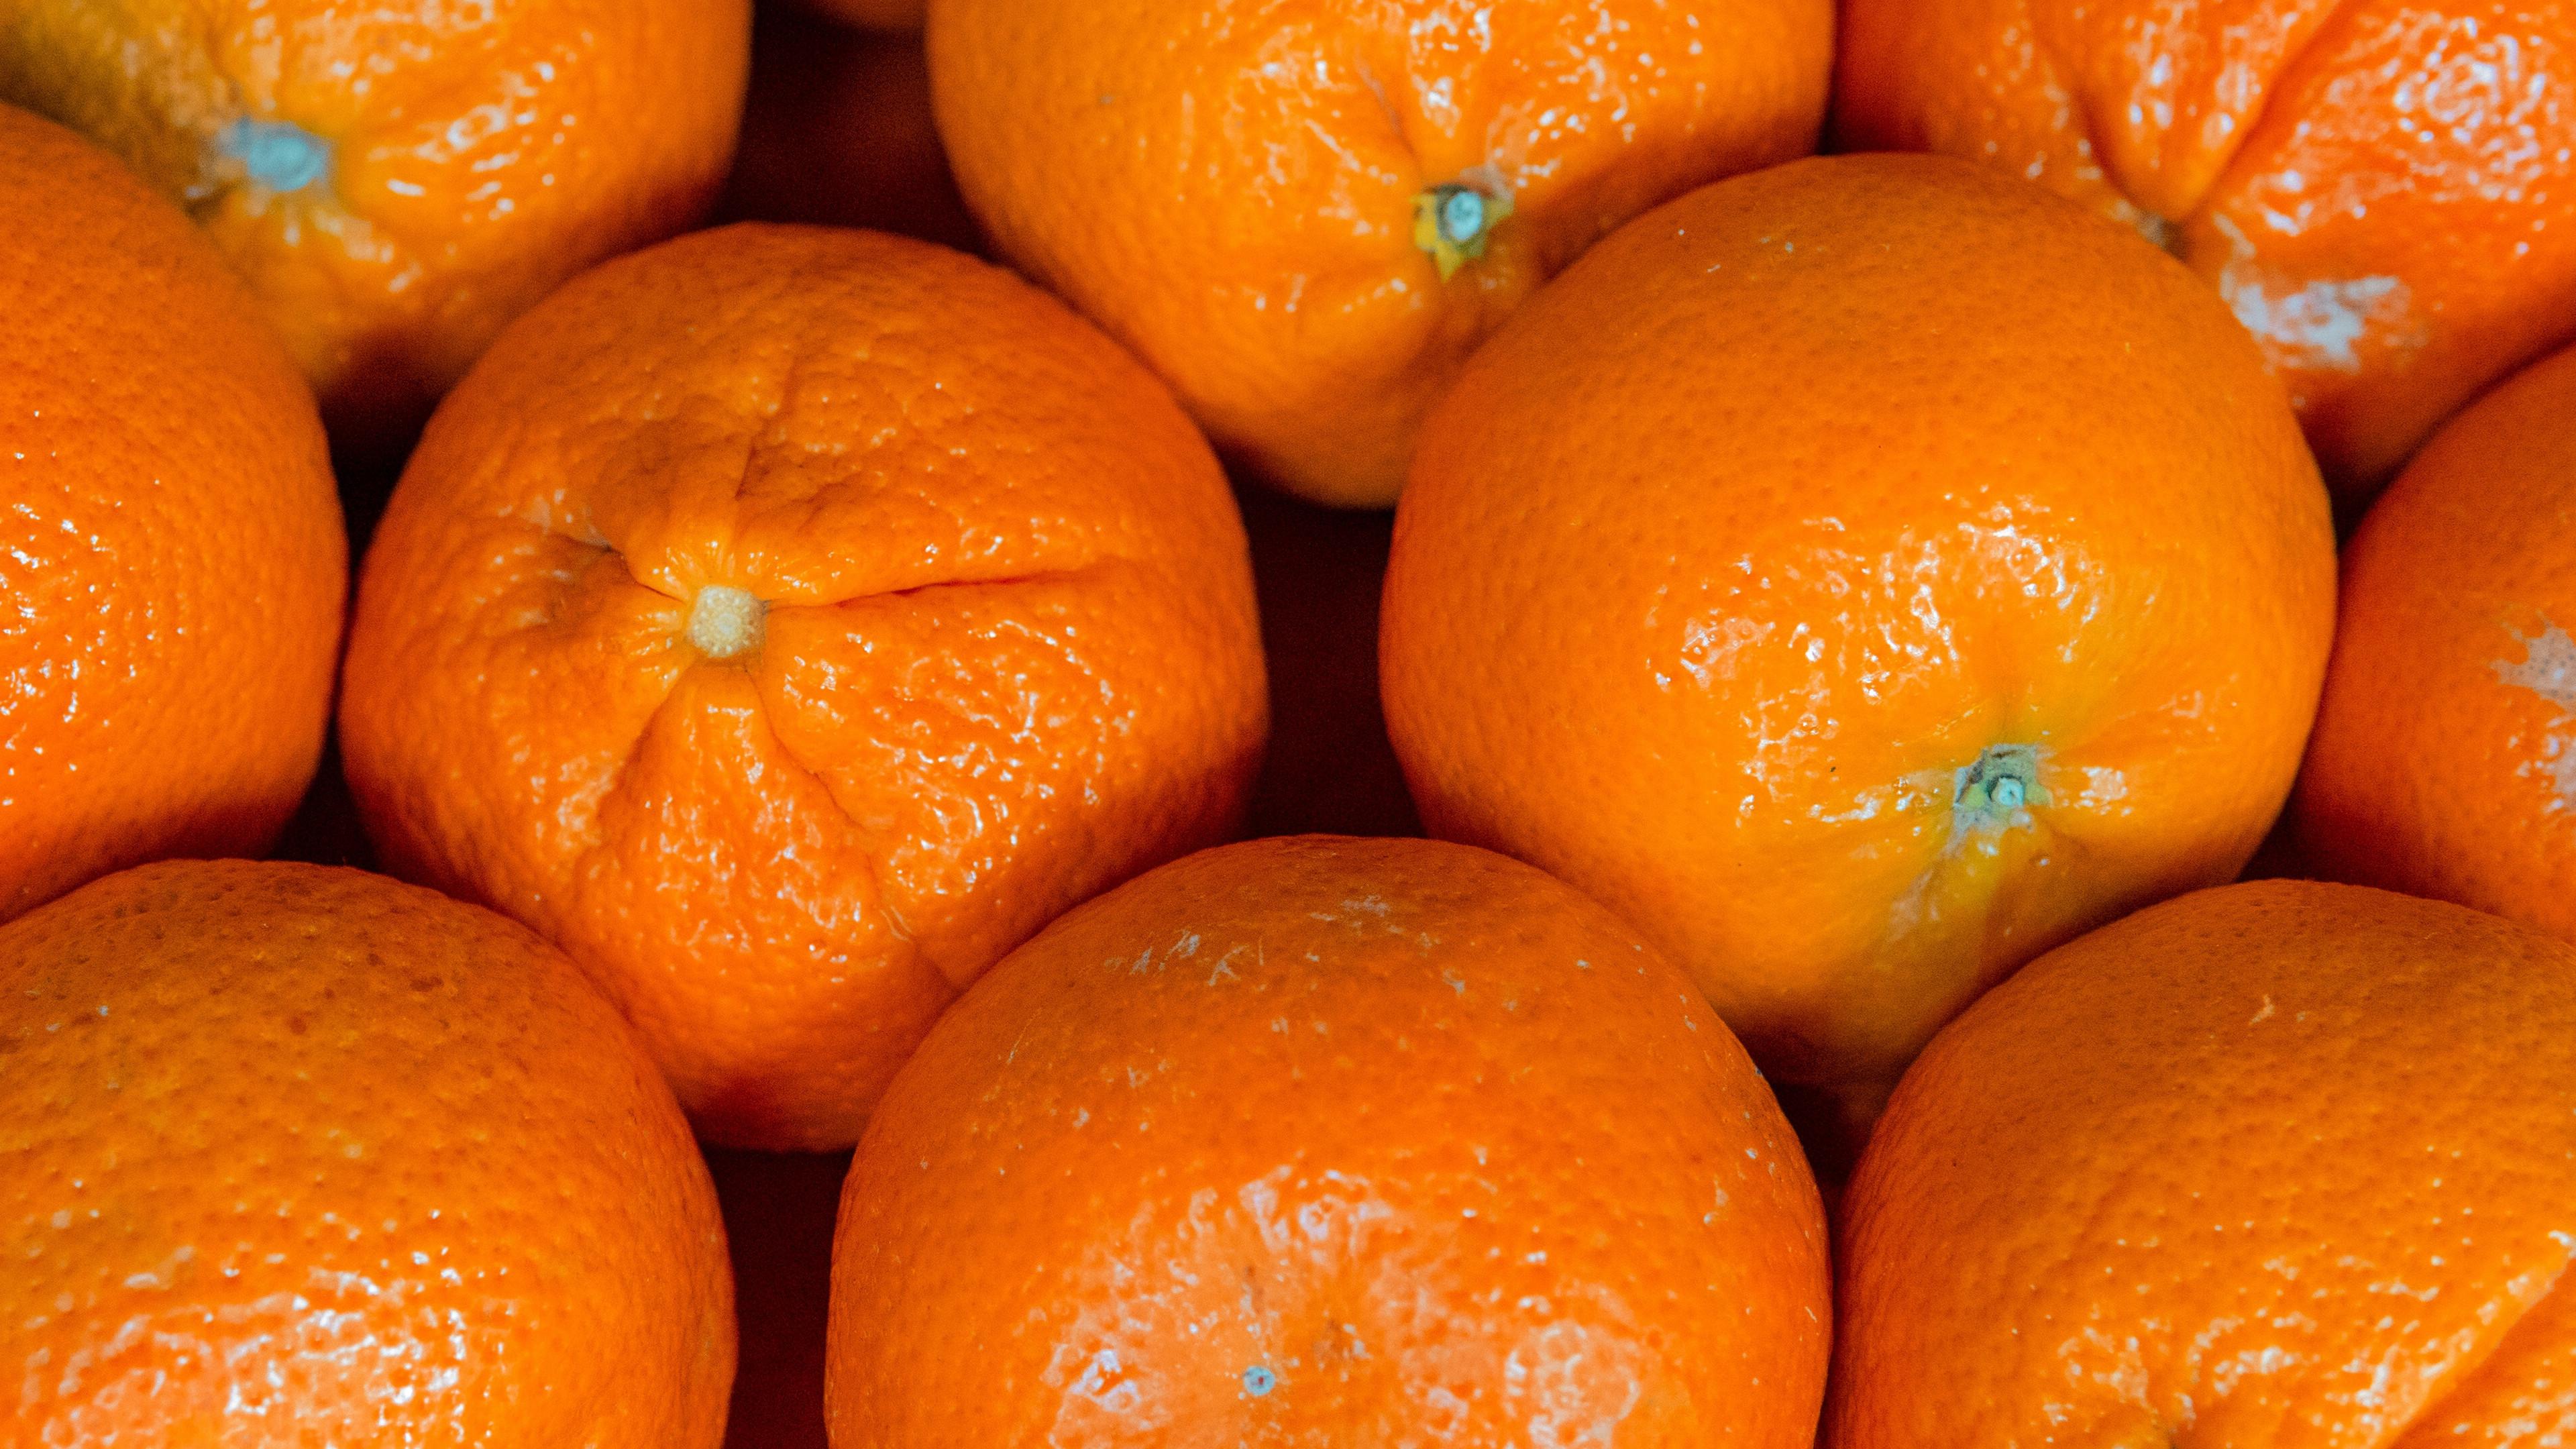 新鲜美味的柑橘图片